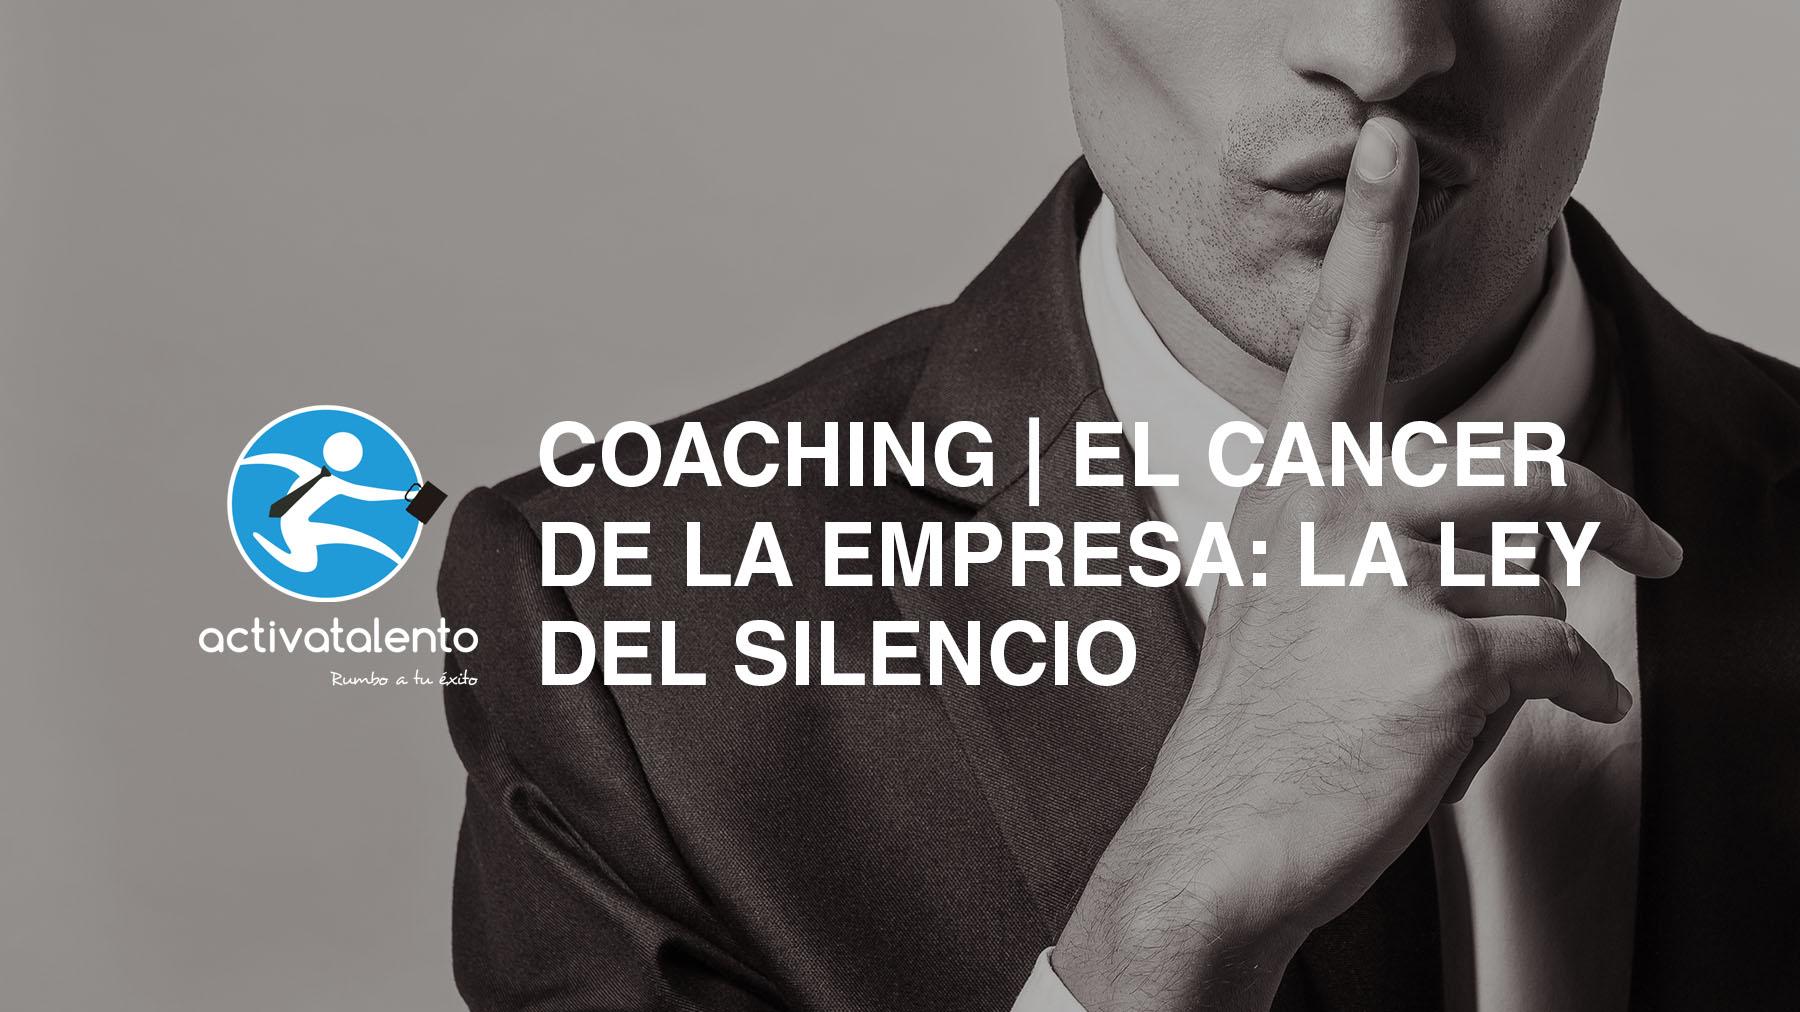 El cáncer de la empresa: la ley del silencio - Activa Talento